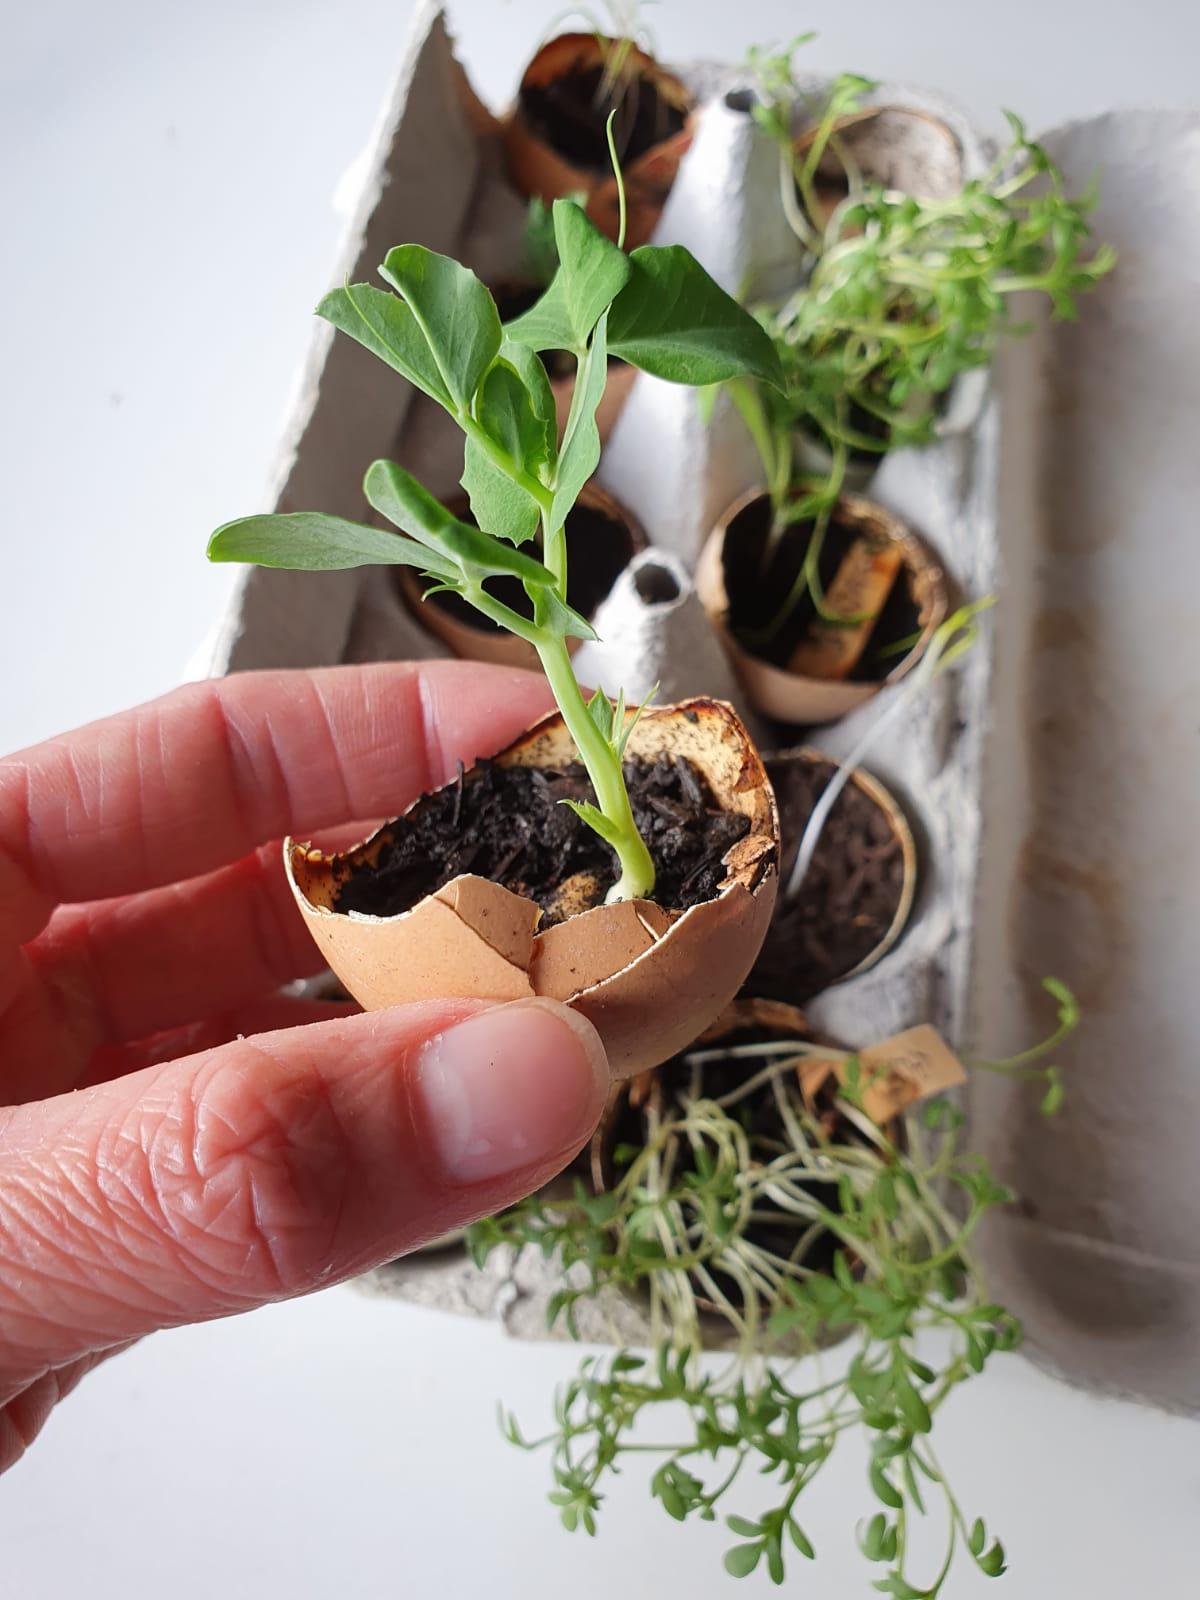 Hånd som holder en grønn plante, sådd i eggeskall. I bakgrunnen: Forskellige grønne vekster plantet i eggeskall. Foto.